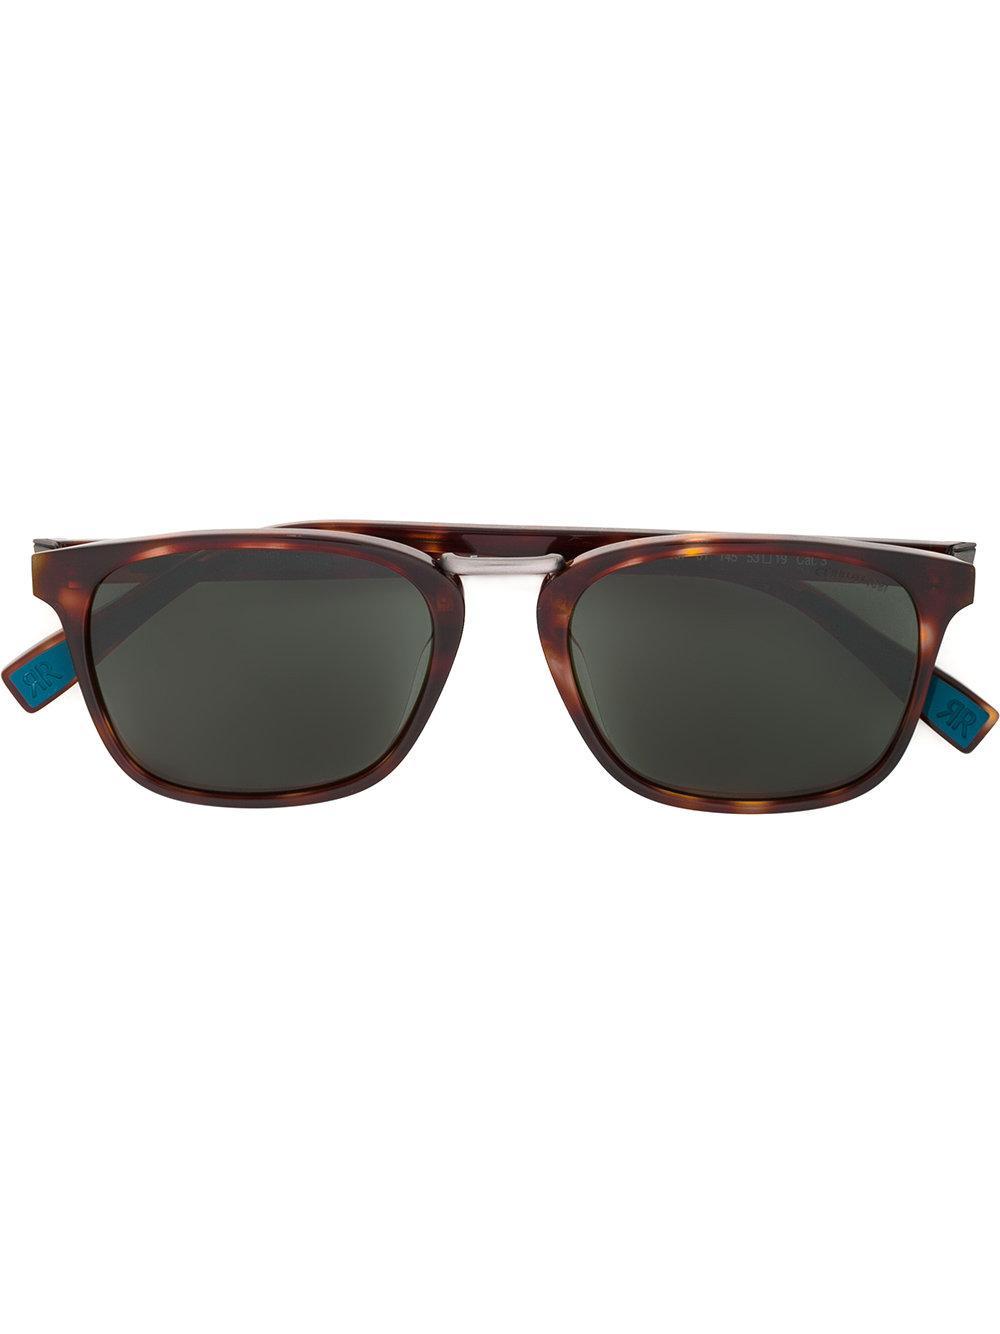 Cerruti 1881 Tortoiseshell Sunglasses In Brown For Men Lyst